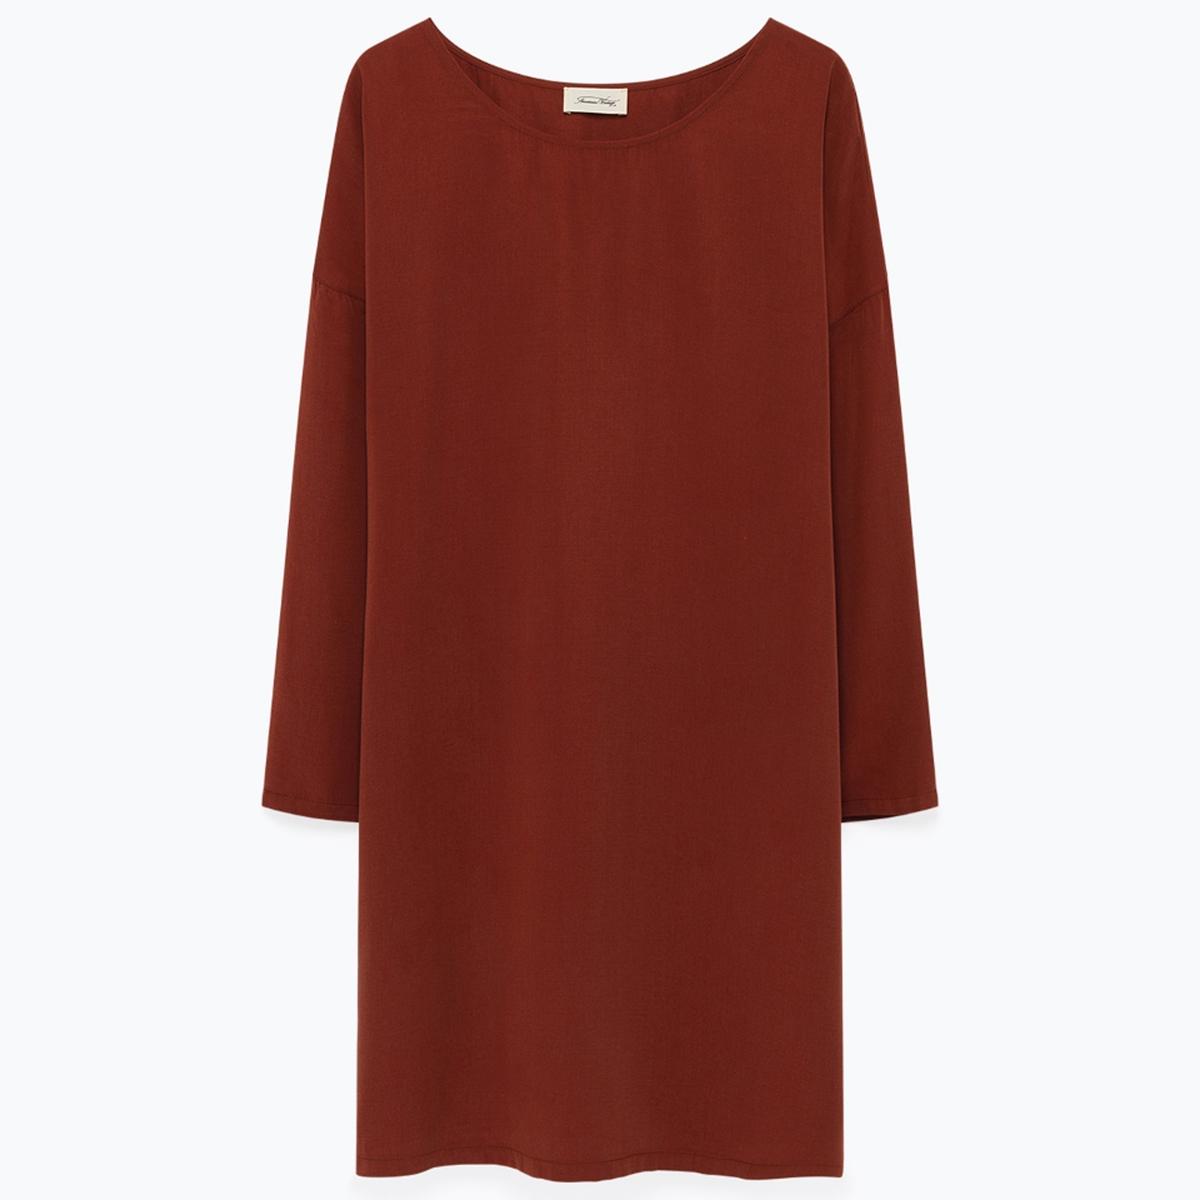 Платье La Redoute Прямое с длинными рукавами NALASTATE M оранжевый футболка la redoute с длинными рукавами 3 года 94 см оранжевый